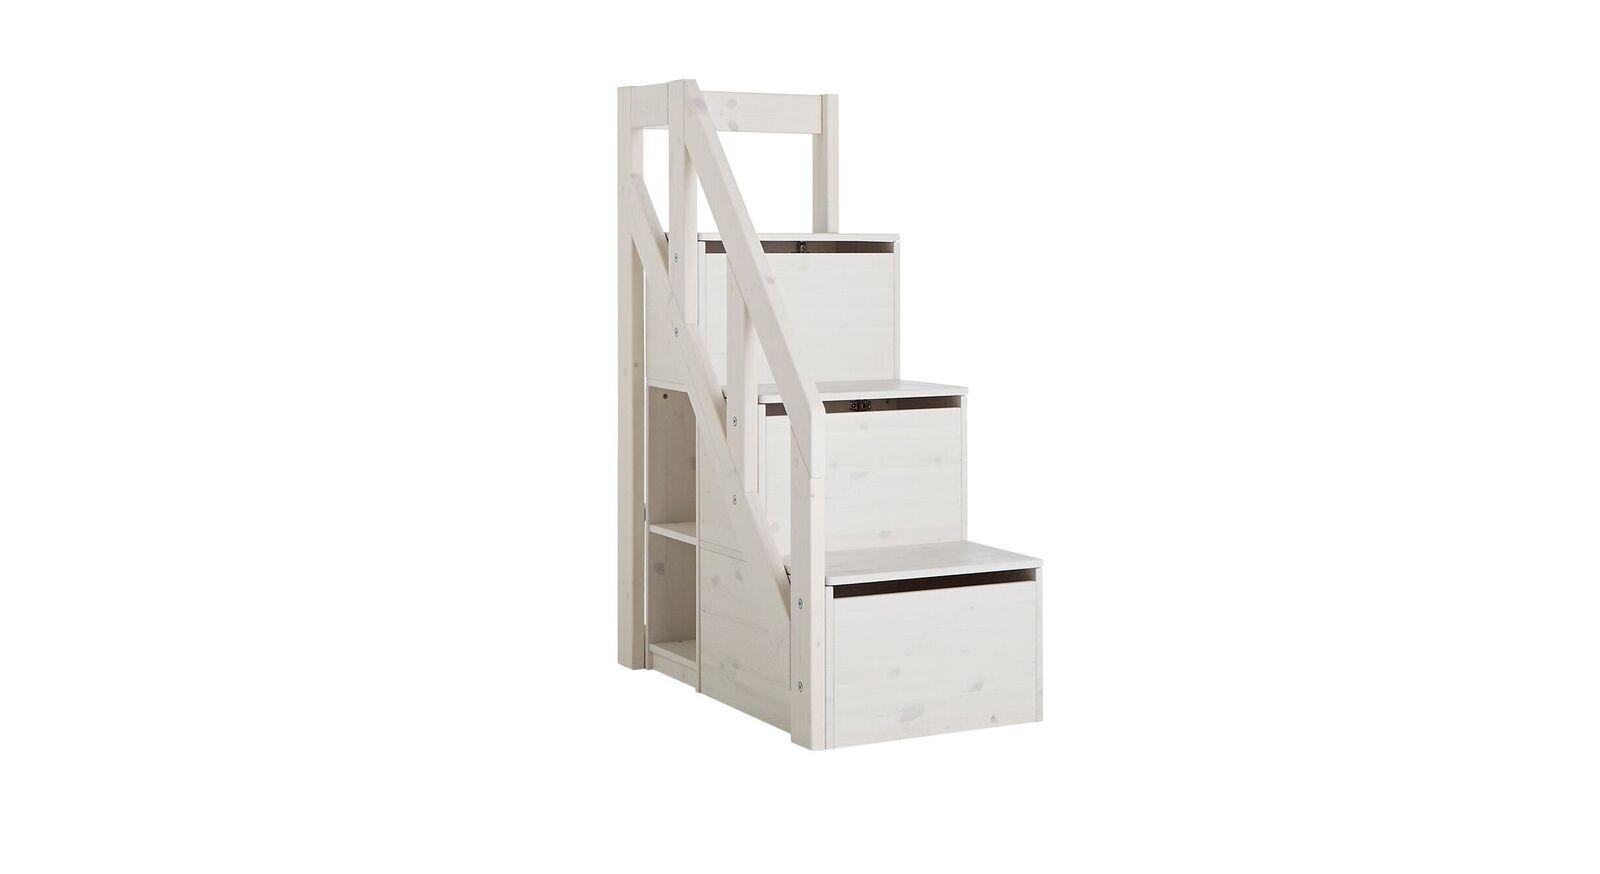 LIFETIME Midi-Hochbett Original mit Stauraumboxen im Treppenmodul